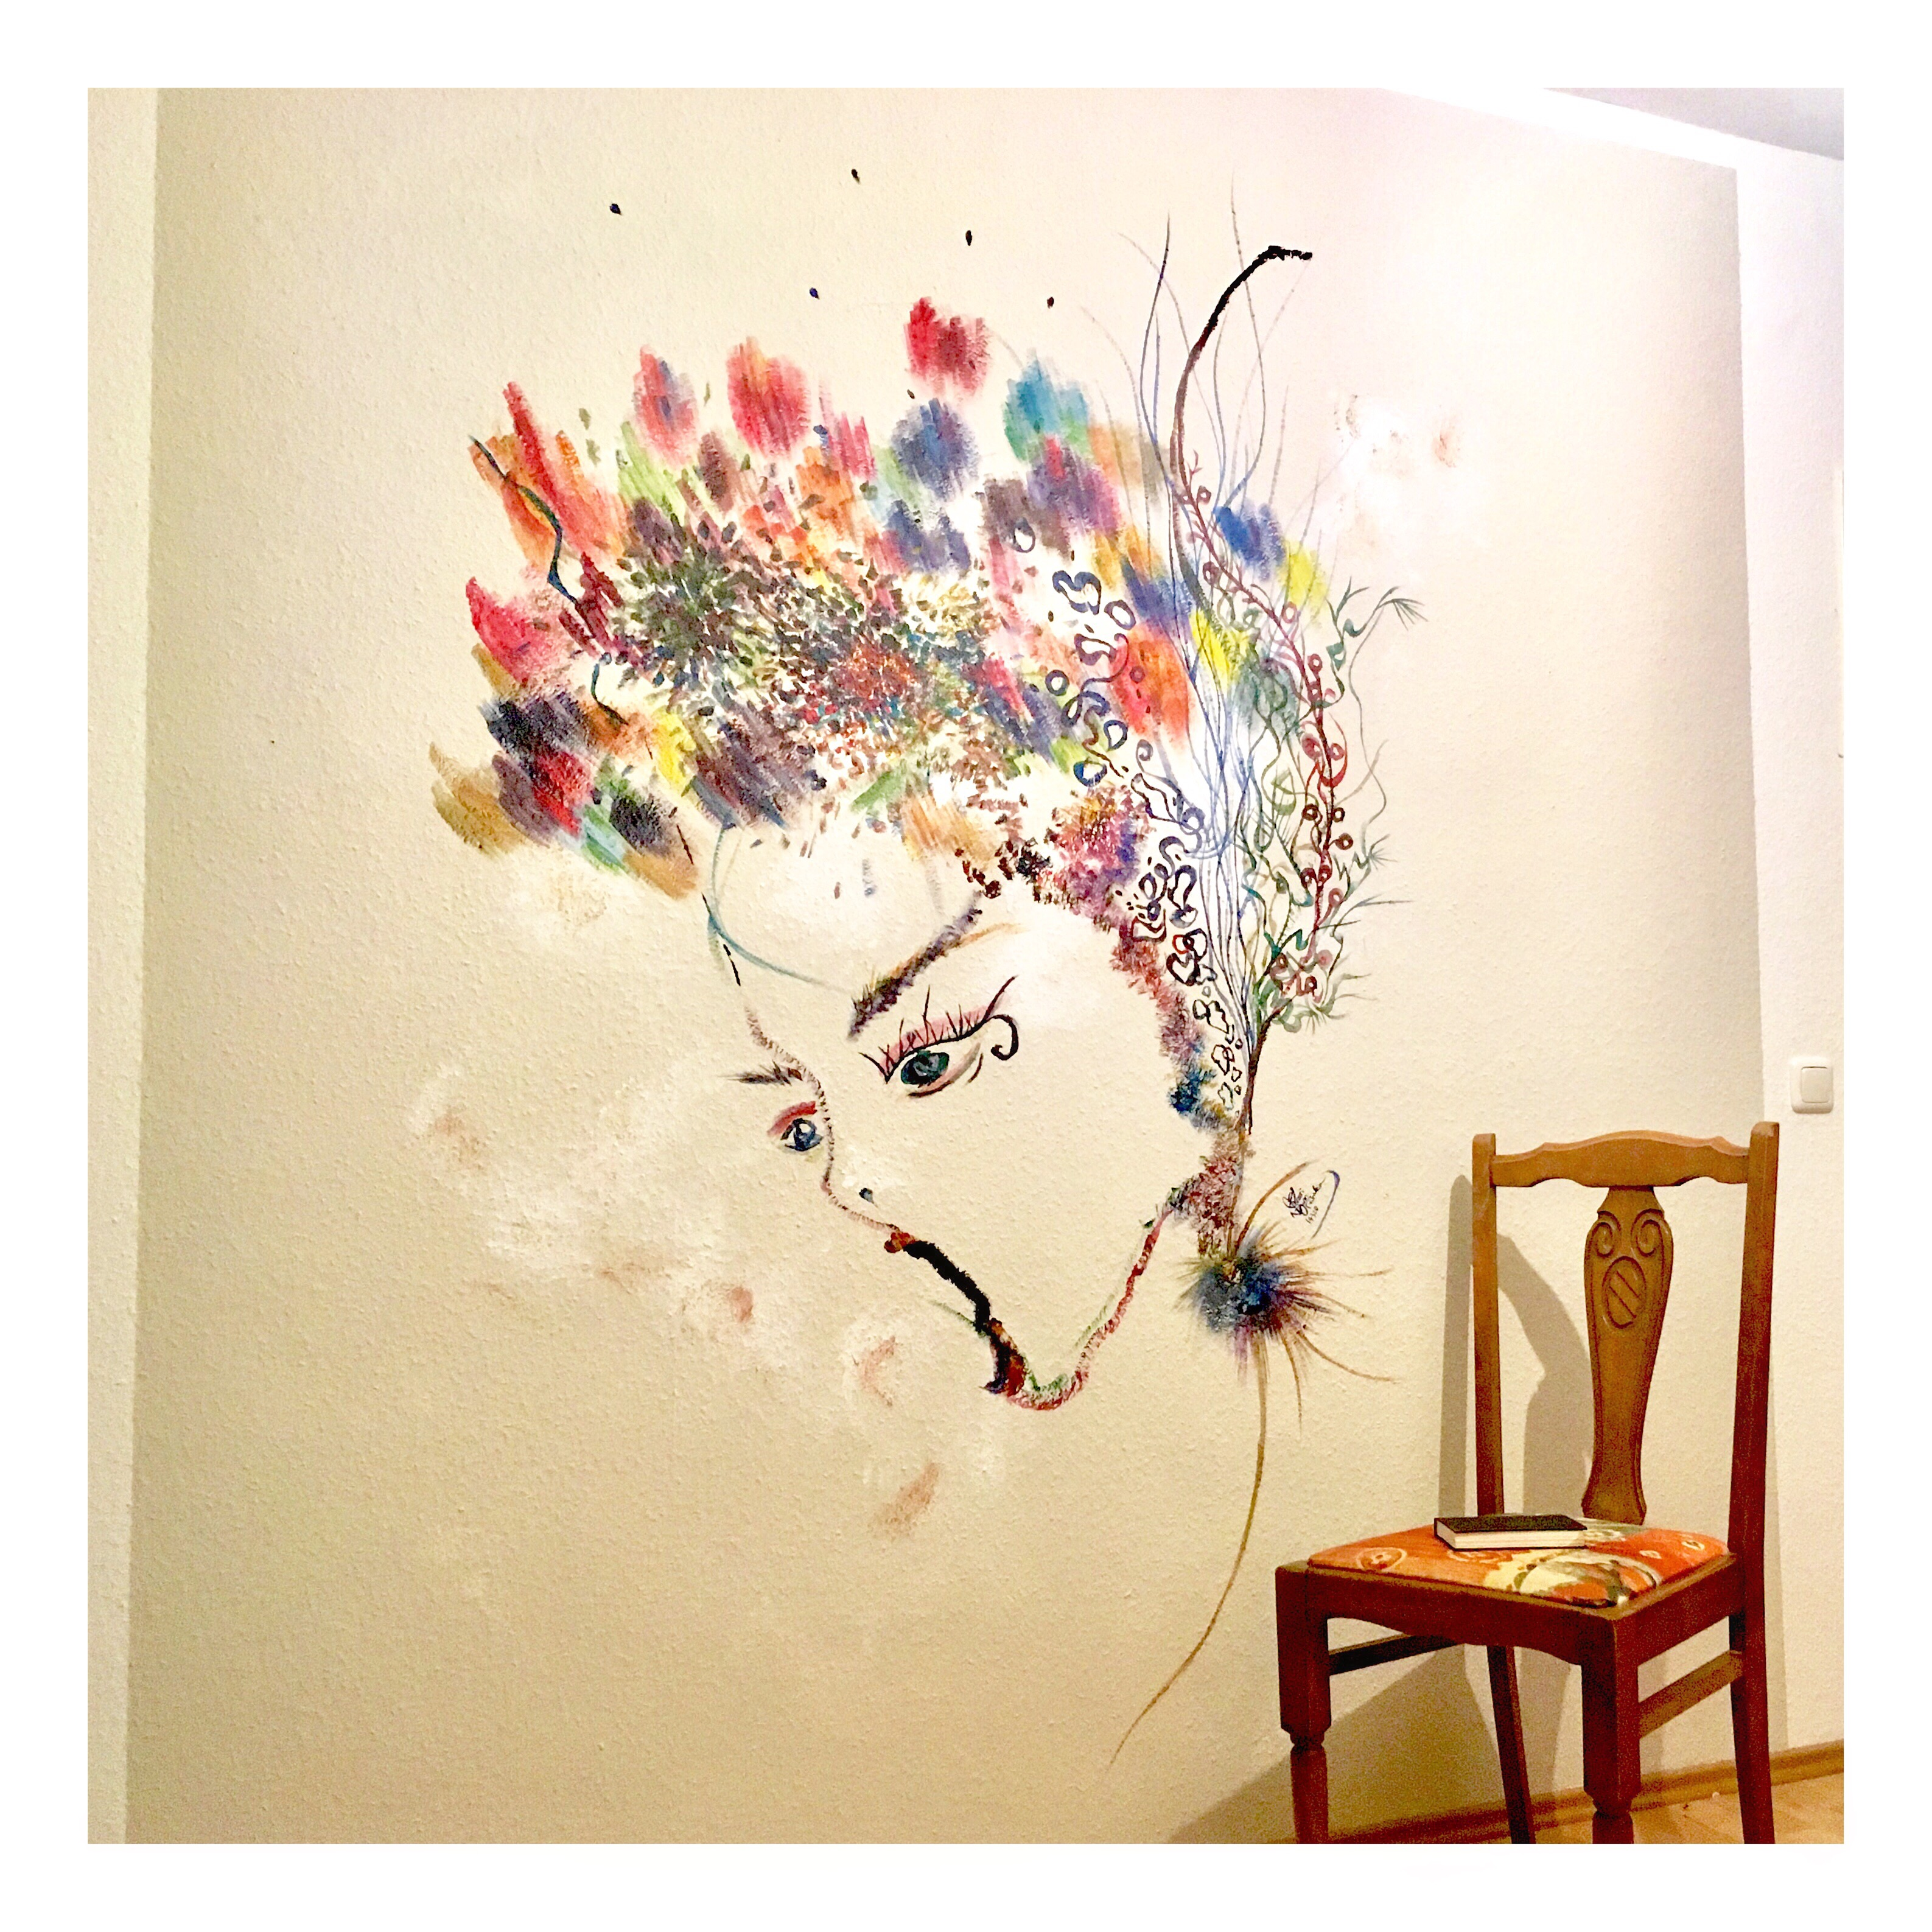 Acrylic on the wall 240 x 216 cm